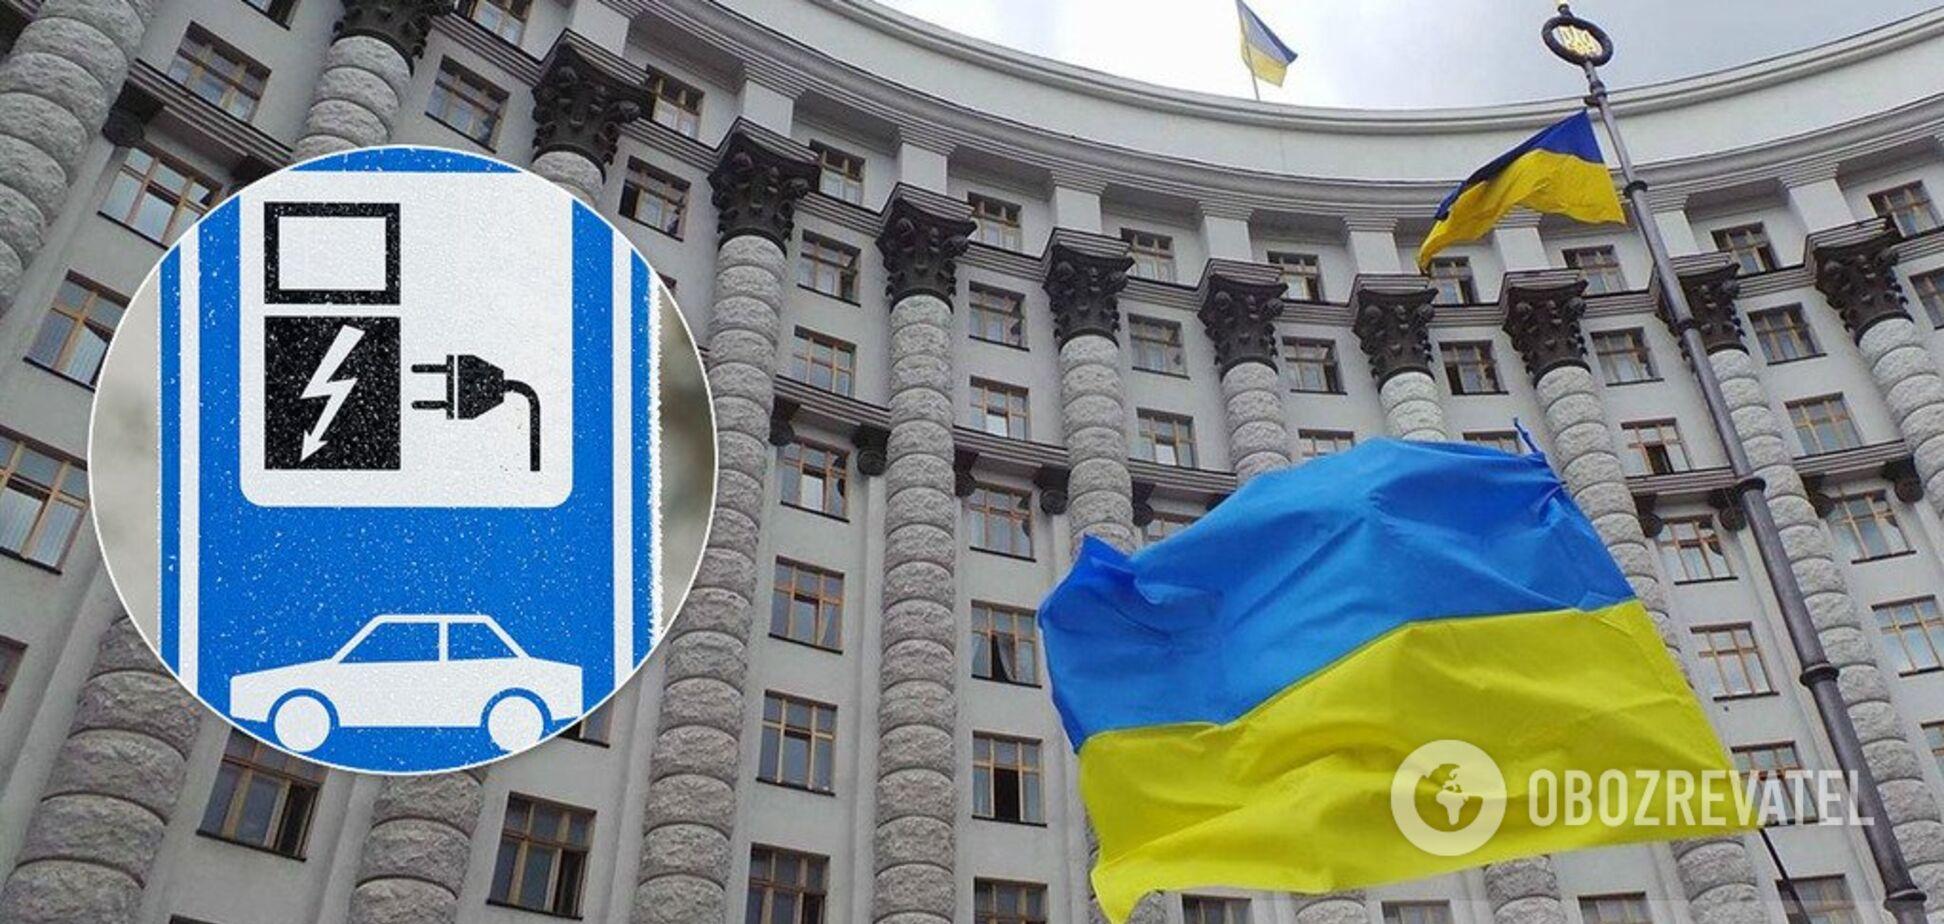 В Украине задумали тотальную электромобилизацию: как это будет